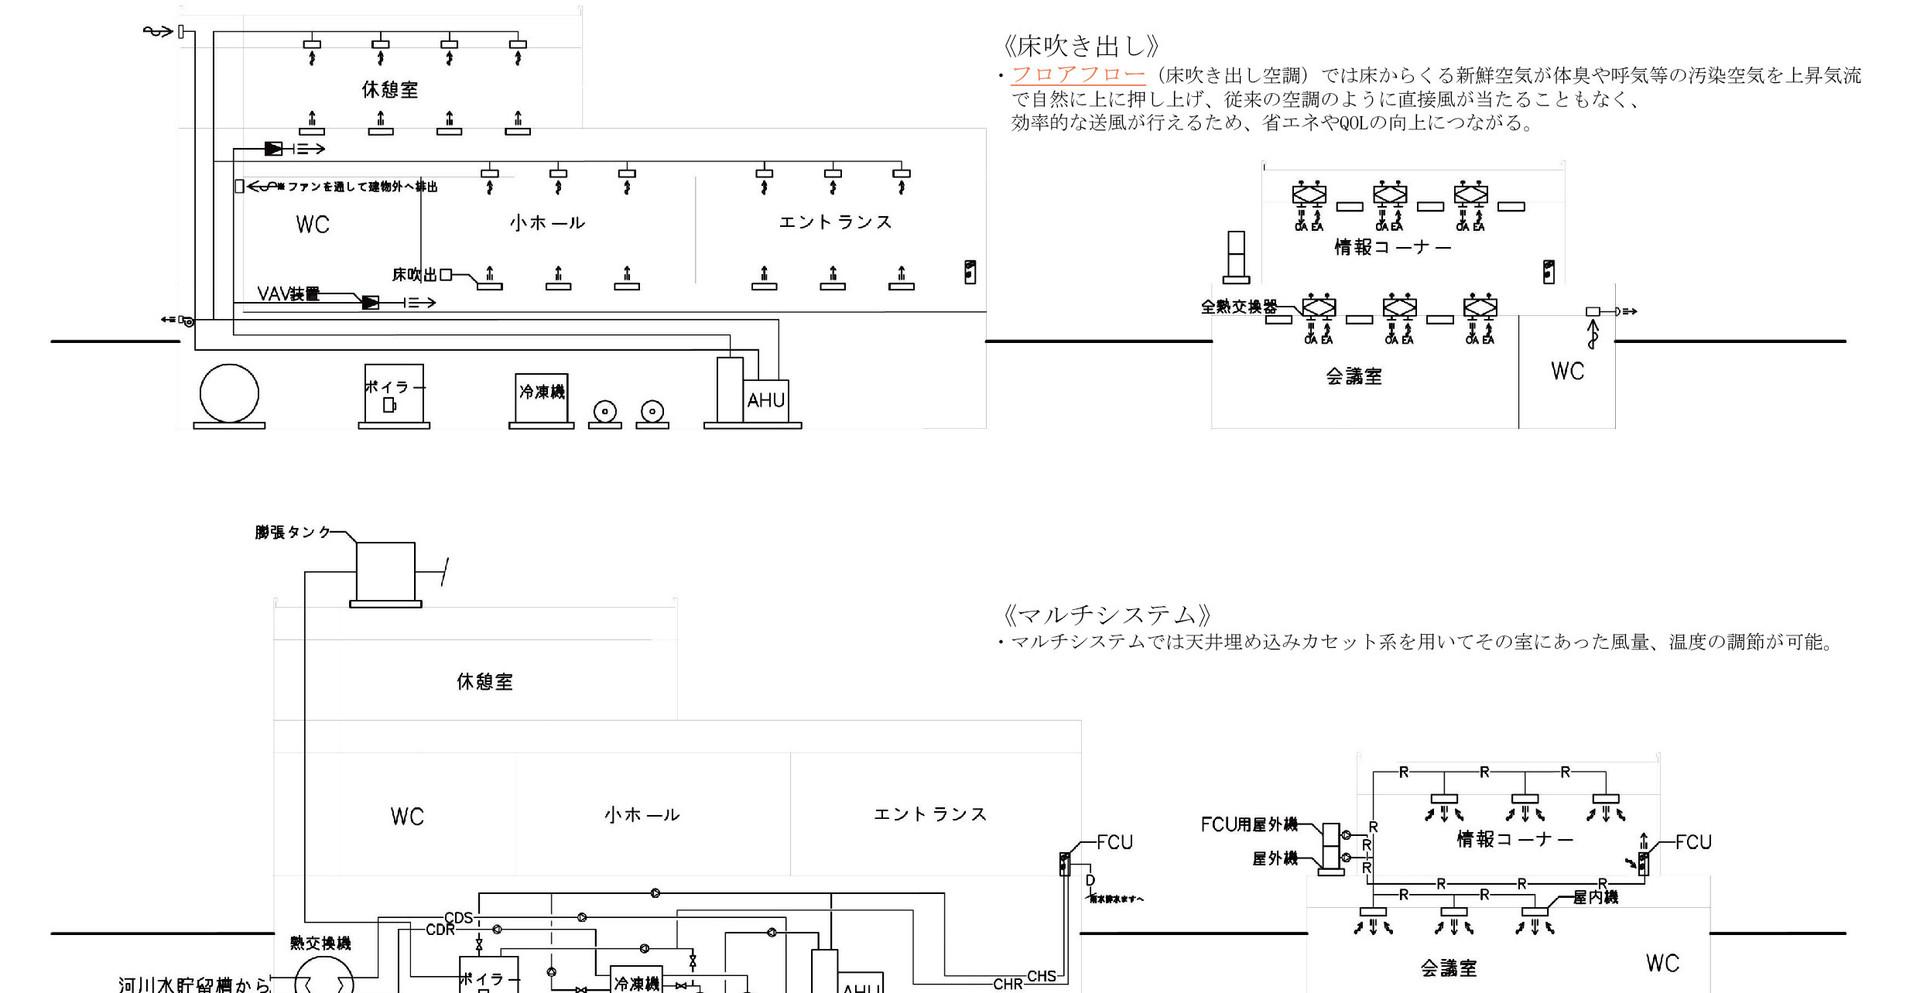 井野勇斗_12.jpg